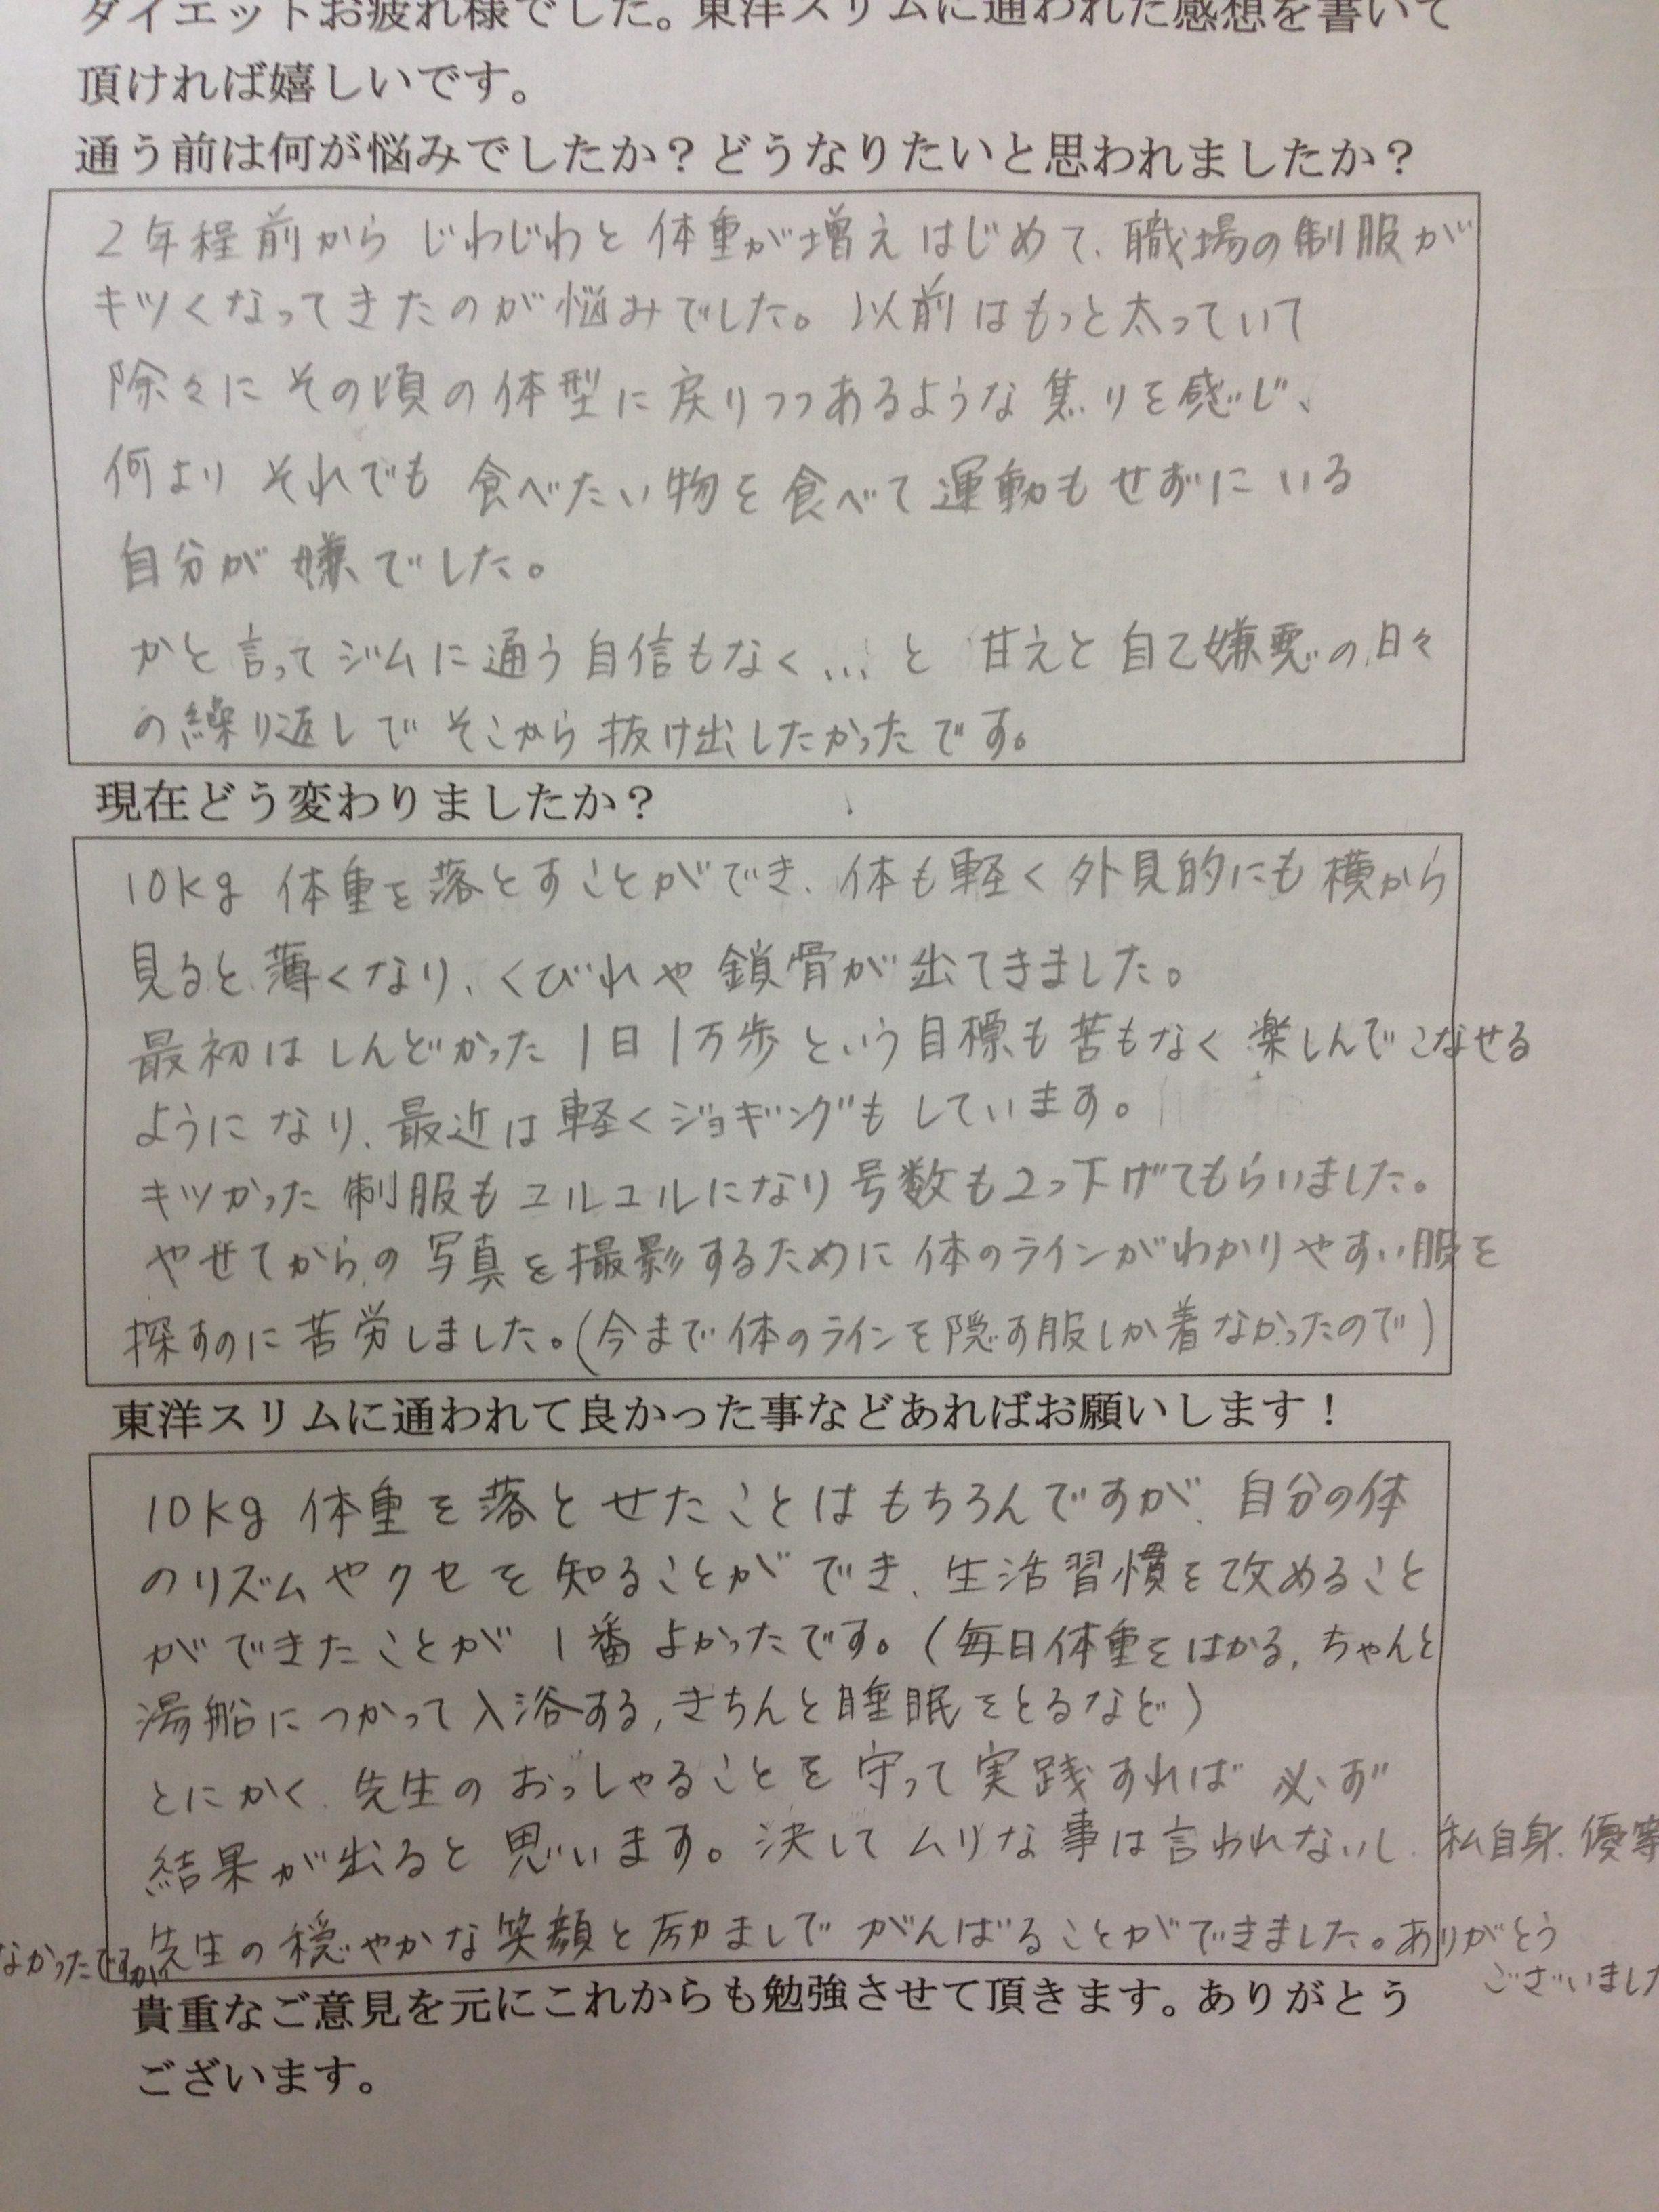 [皆様の声]大阪府羽曳野市Kさん42才、耳つぼダイエットでー11kg成功!先生のおっしゃることを守って実践すれば必ず結果が出ると思います。